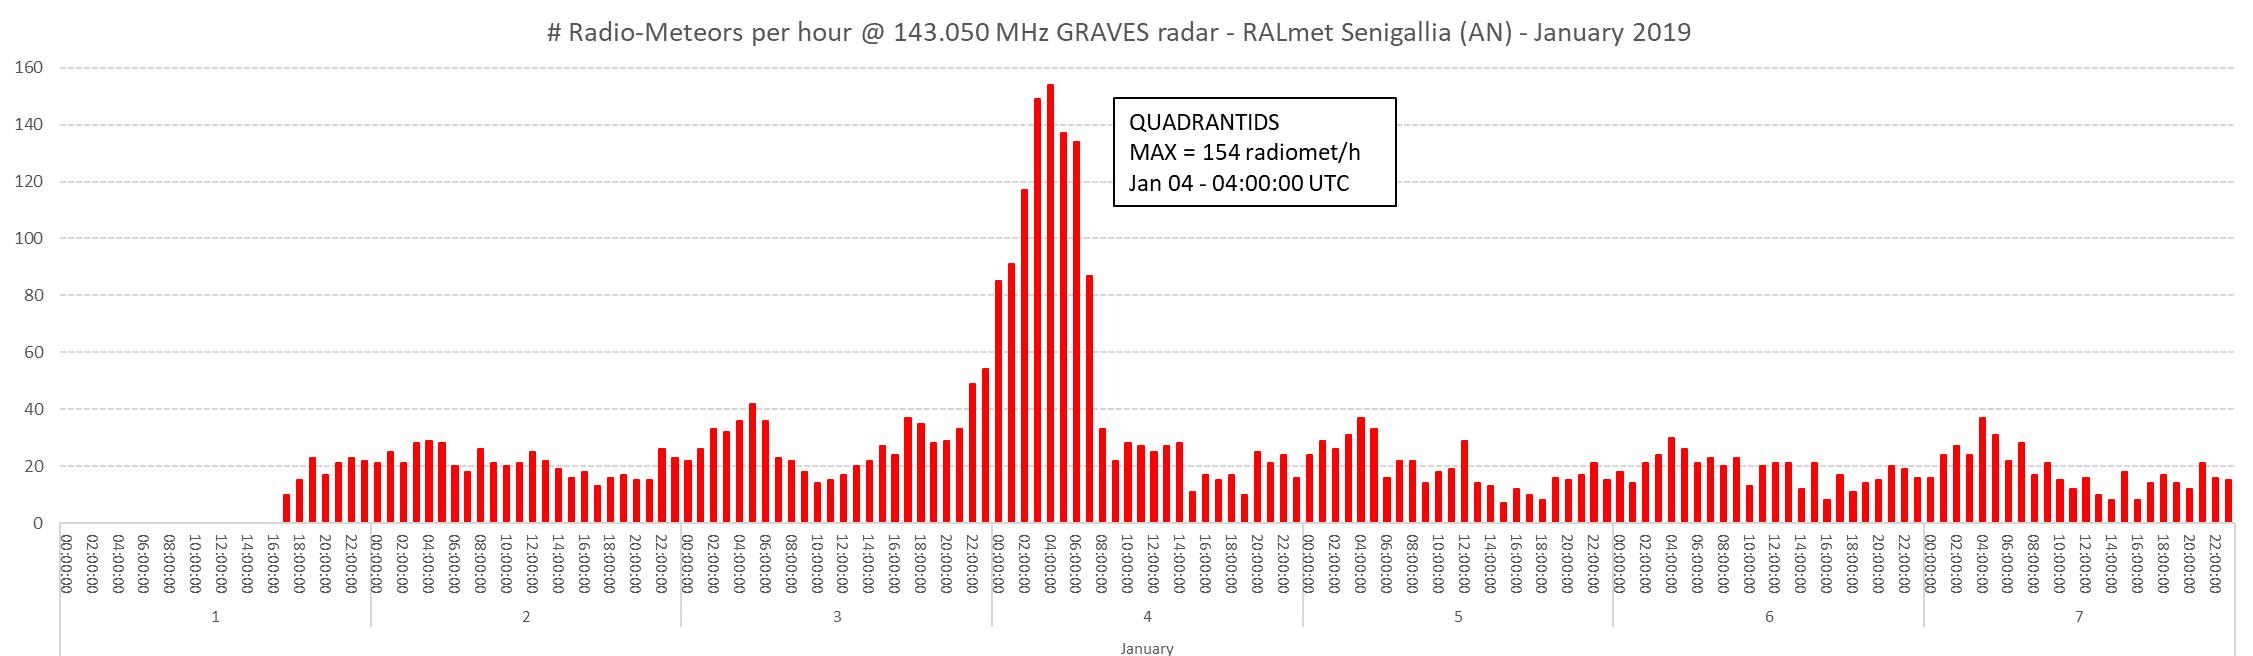 E' confrontata l'attività radio-meteorica registrata nei mesi di Gennaio 2018 e 2019 durante lo sciame delle Quadrantidi. I grafici mostrano il numero di eventi per ora catturati dalla nostra stazione nei giorni dal 1 al 7: si notano i massimi dello sciame, con una vistosa differenza di numerosità fra i due anni (l'attività nel 2019 è risultata doppia rispetto a quella dell'anno precedente). Rispetto alle previsioni, che fissano la data del massimo il 4 Gennaio, nel 2018 si sono osservati due massimi: il più debole (con 65 eventi all'ora) si è verificato il giorno previsto, il secondo, più intenso (73 eventi all'ora), si è verificato due giorni dopo.